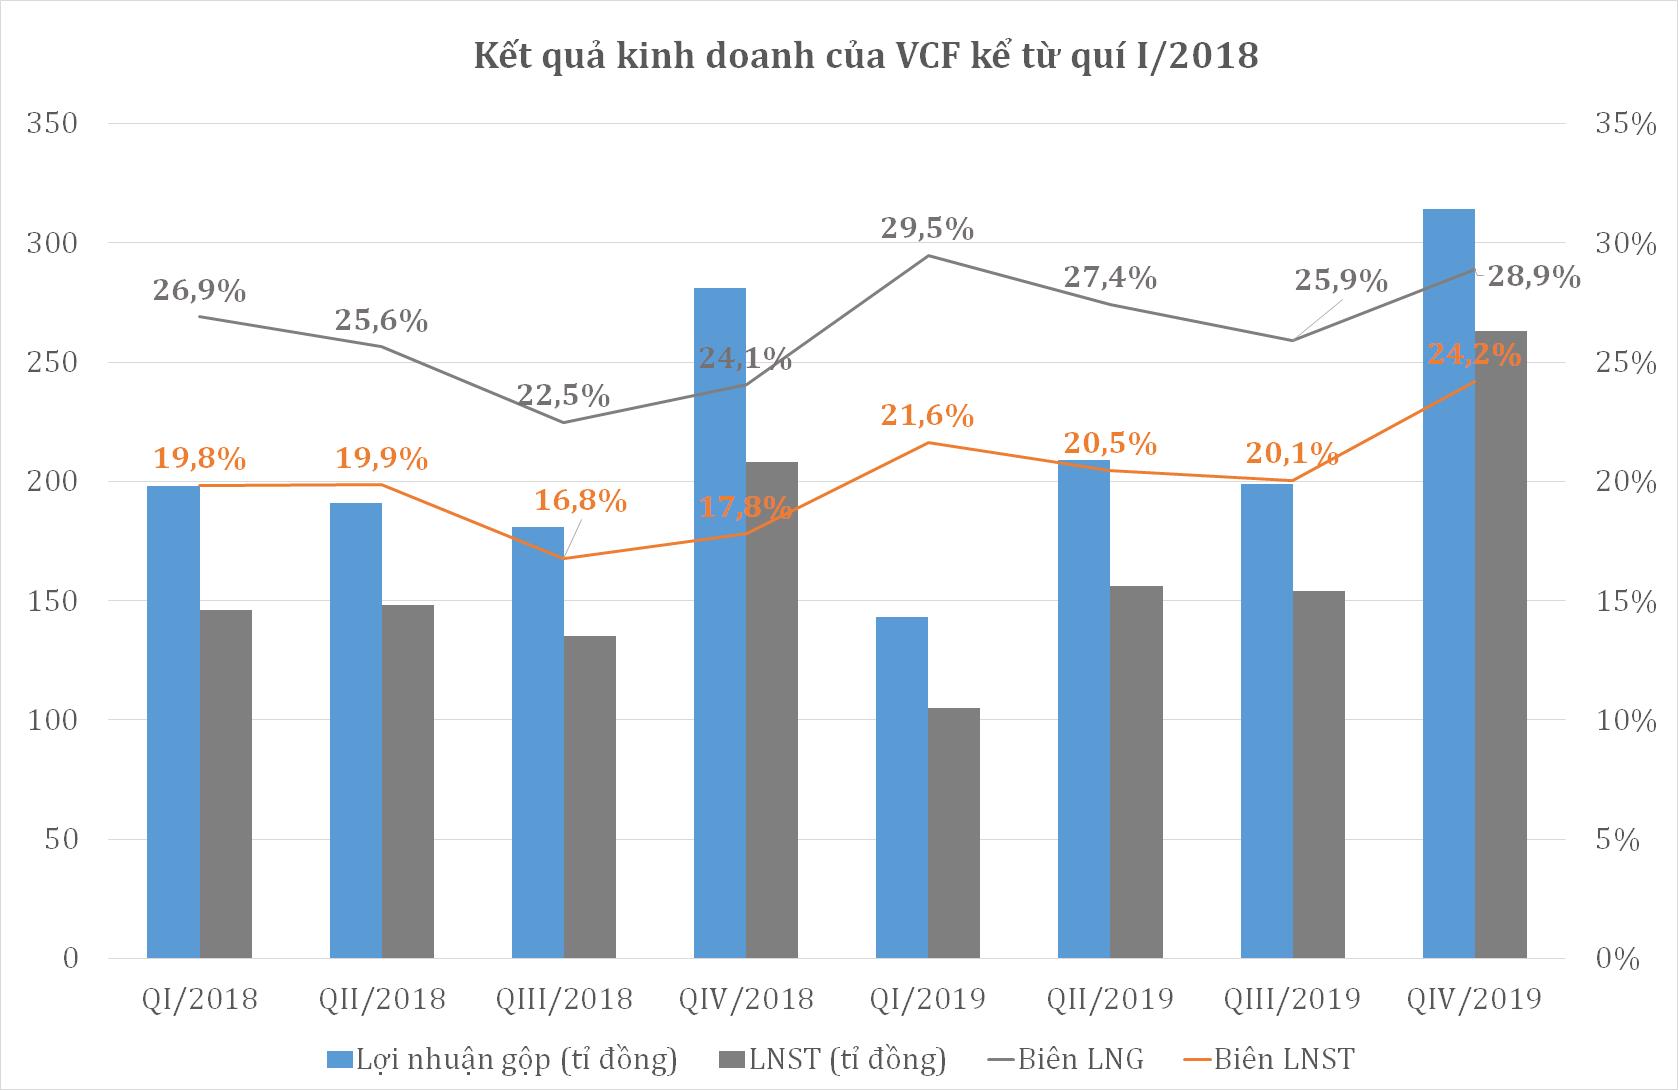 Vinacafé Biên Hòa lãi 678 tỉ đồng năm 2019, tiếp tục lọt top EPS và cổ tức khủng - Ảnh 2.